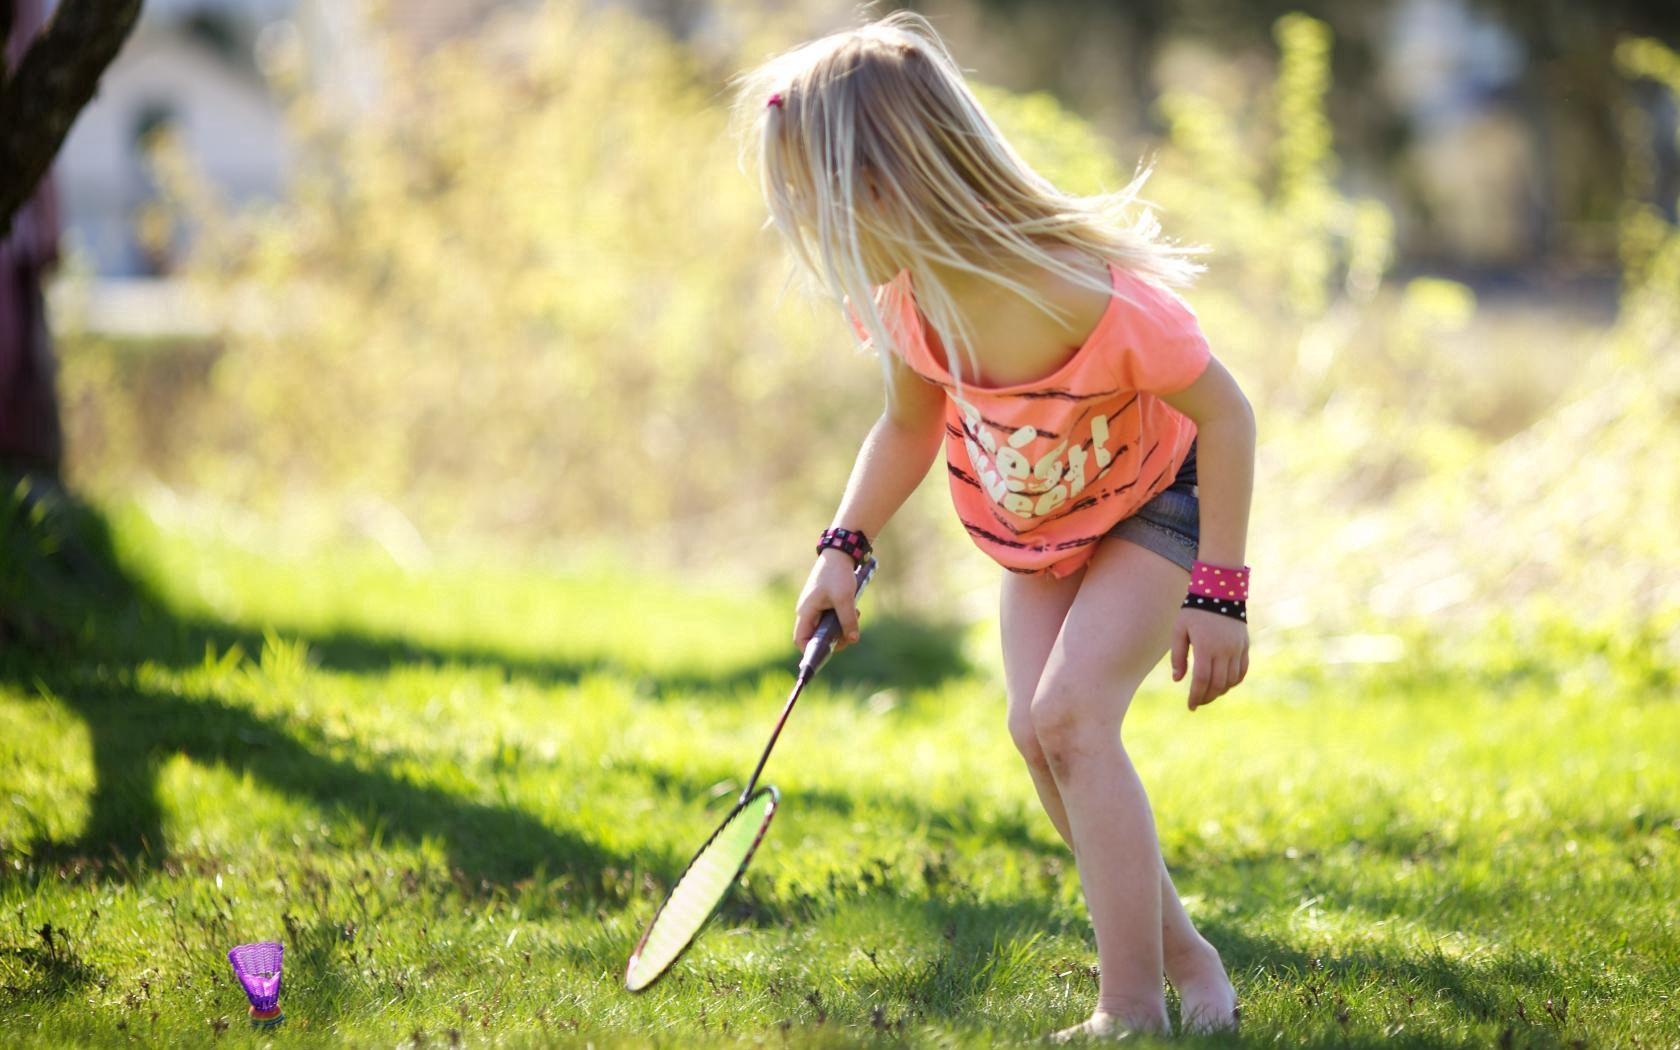 56372 скачать обои Разное, Ребенок, Девочка, Бадминтон, Ракетка - заставки и картинки бесплатно